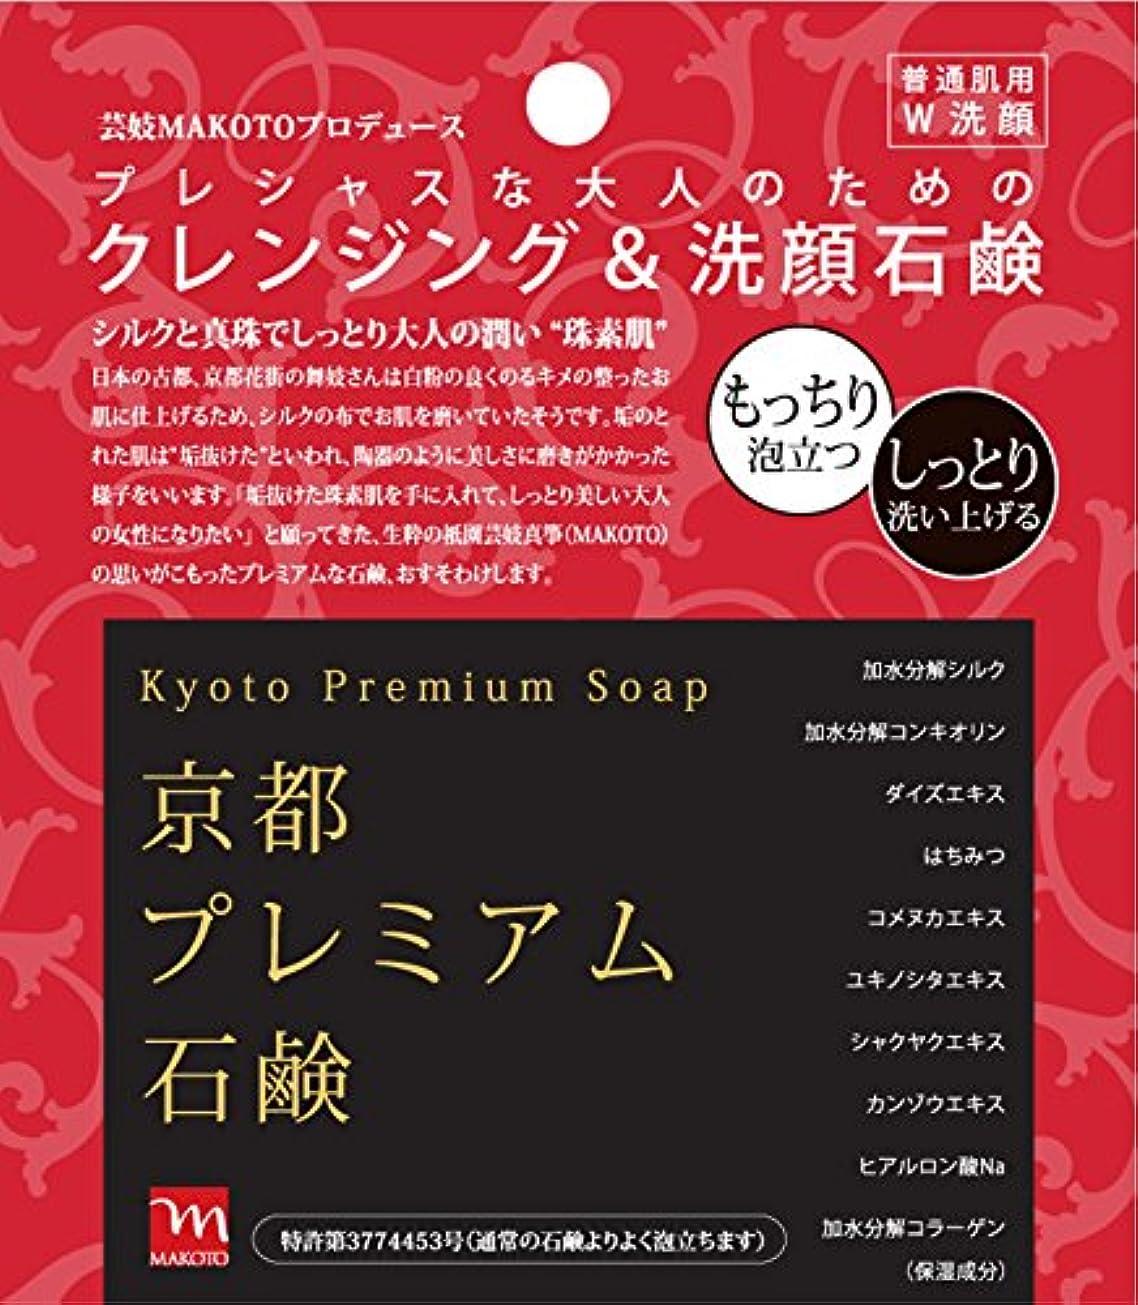 ストレスの多いひねりエミュレートする京都プレミアム石鹸 クレンジング&洗顔石鹸 しっとり もっちり 芸妓さん監修